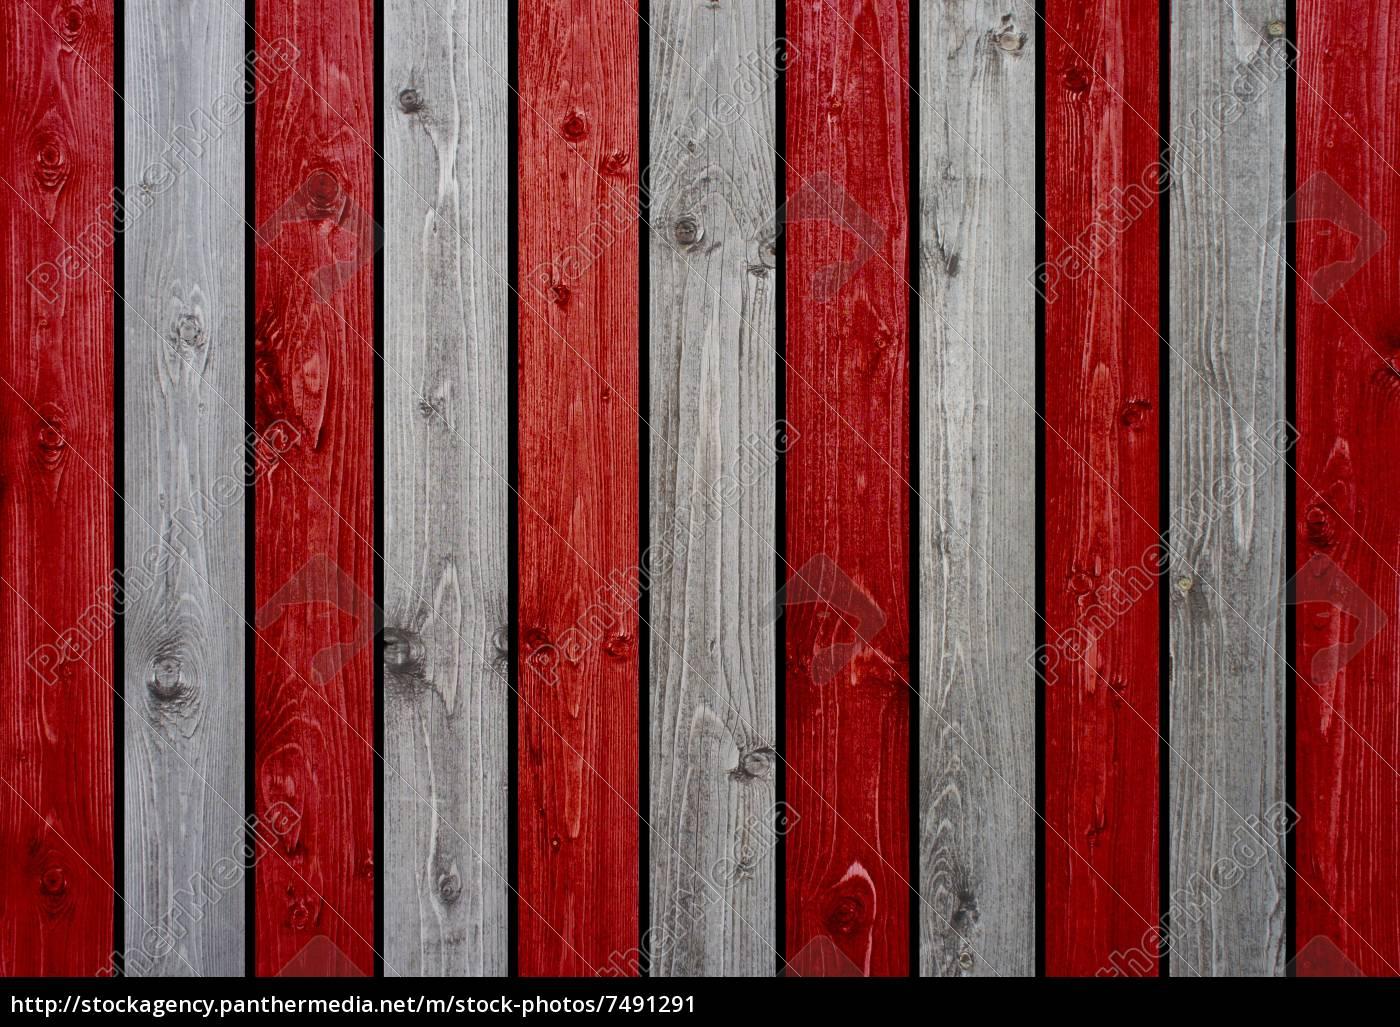 Rot / Grau G5WHK - redboxxdesigns.com